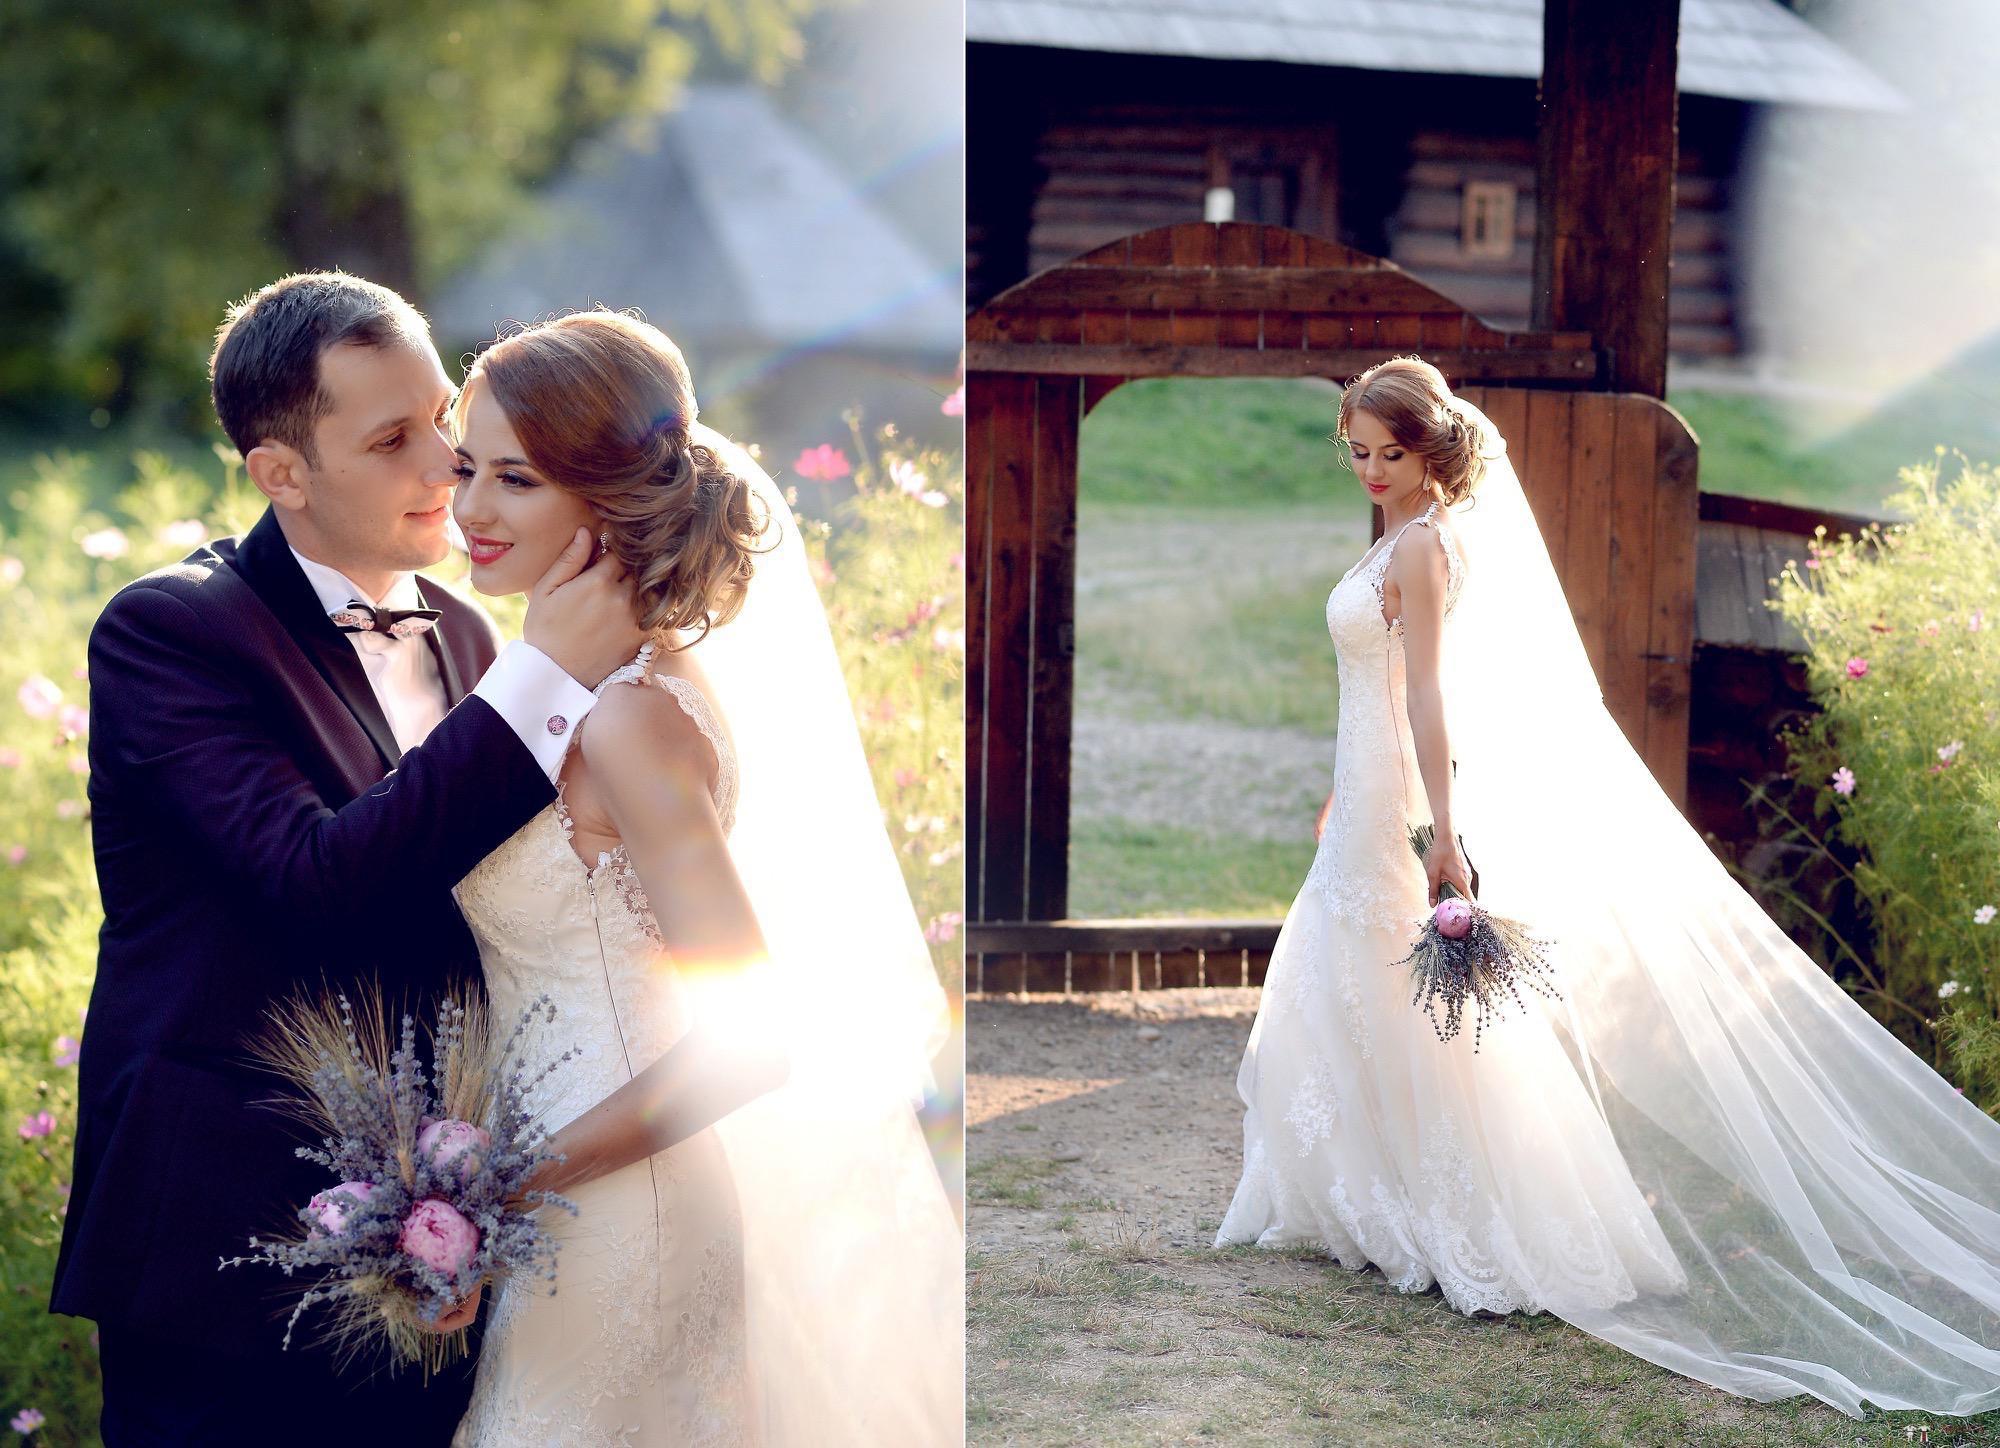 Povești Nunți Tradiționale - Iulia și Andrei. Nuntă tradițională în Bucovina. 74